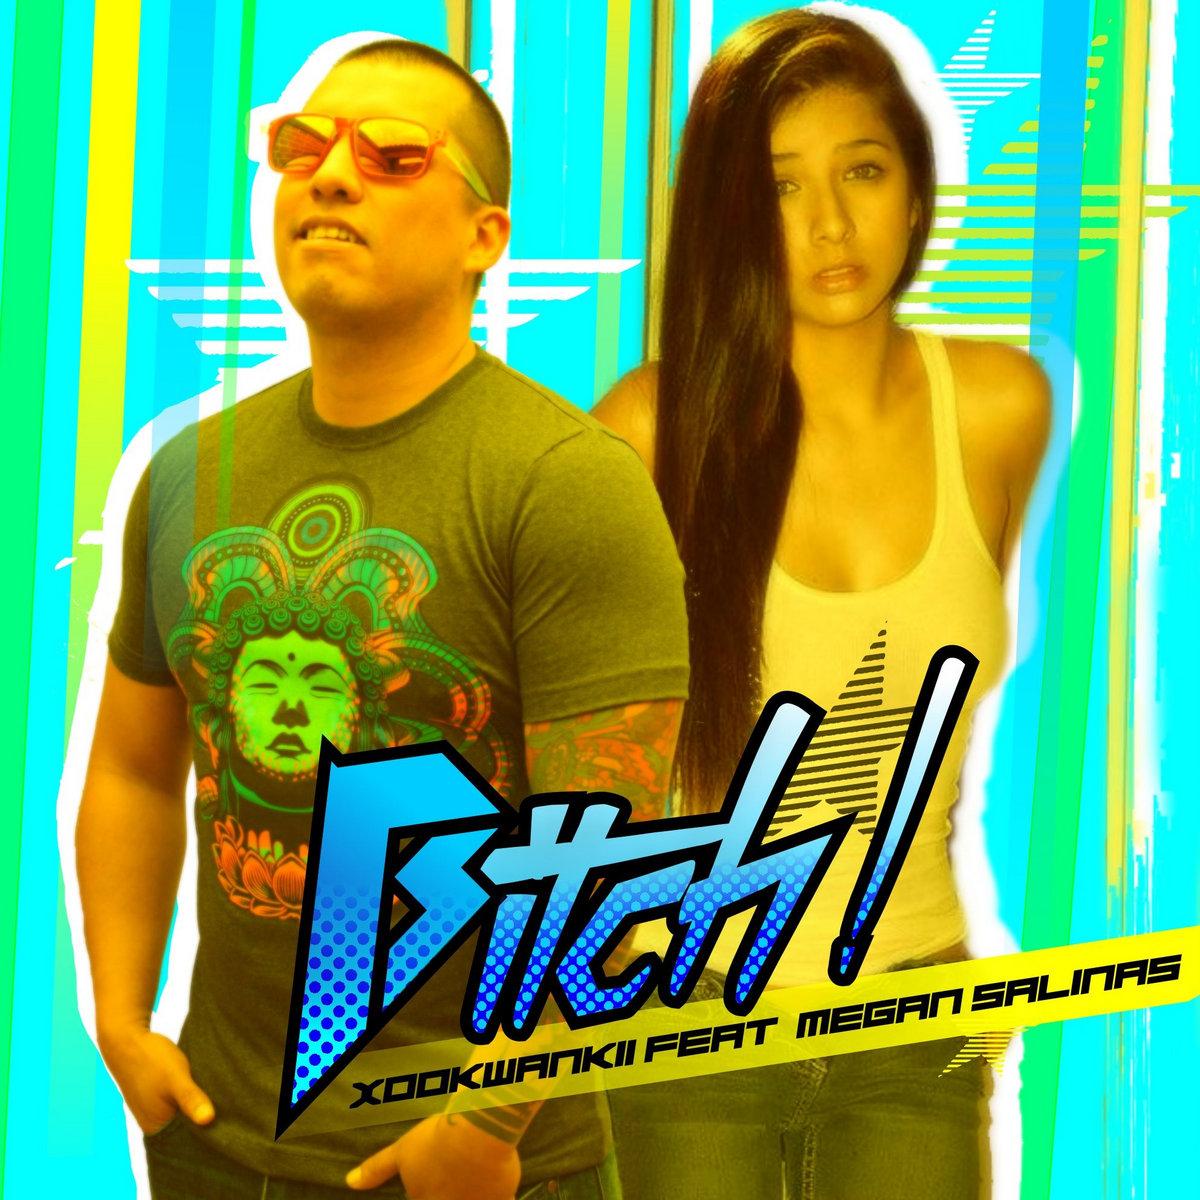 Xookwankii Feat Megan Salinas Bitch